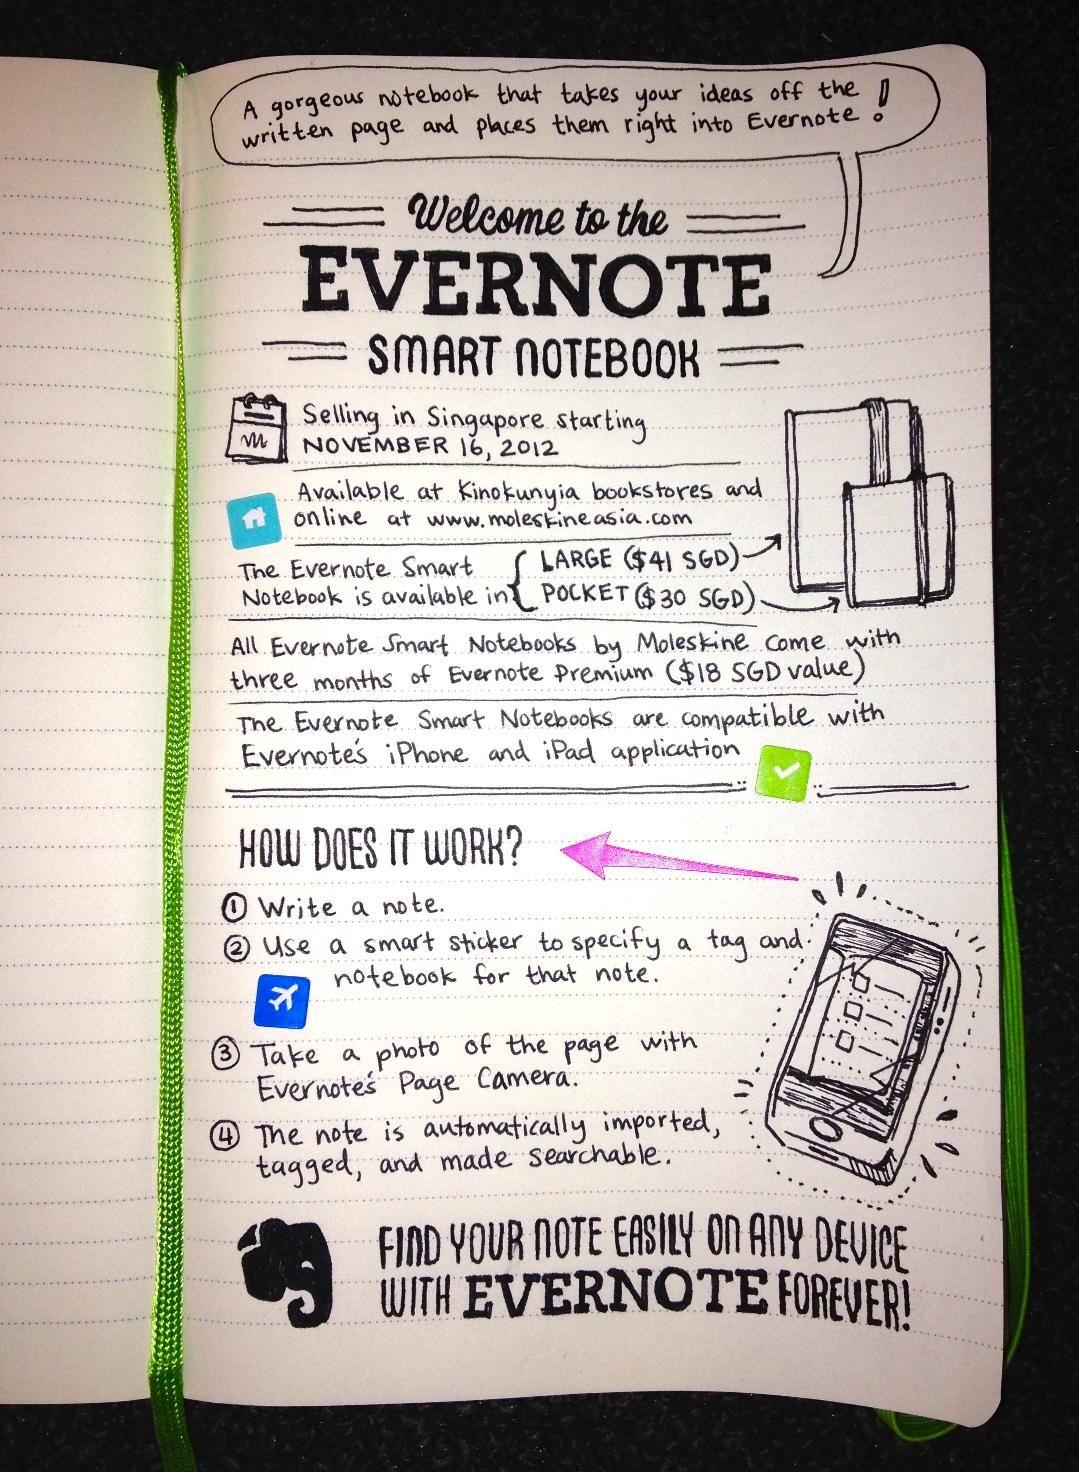 Evernote smart notebook by moleskine evernote evernote